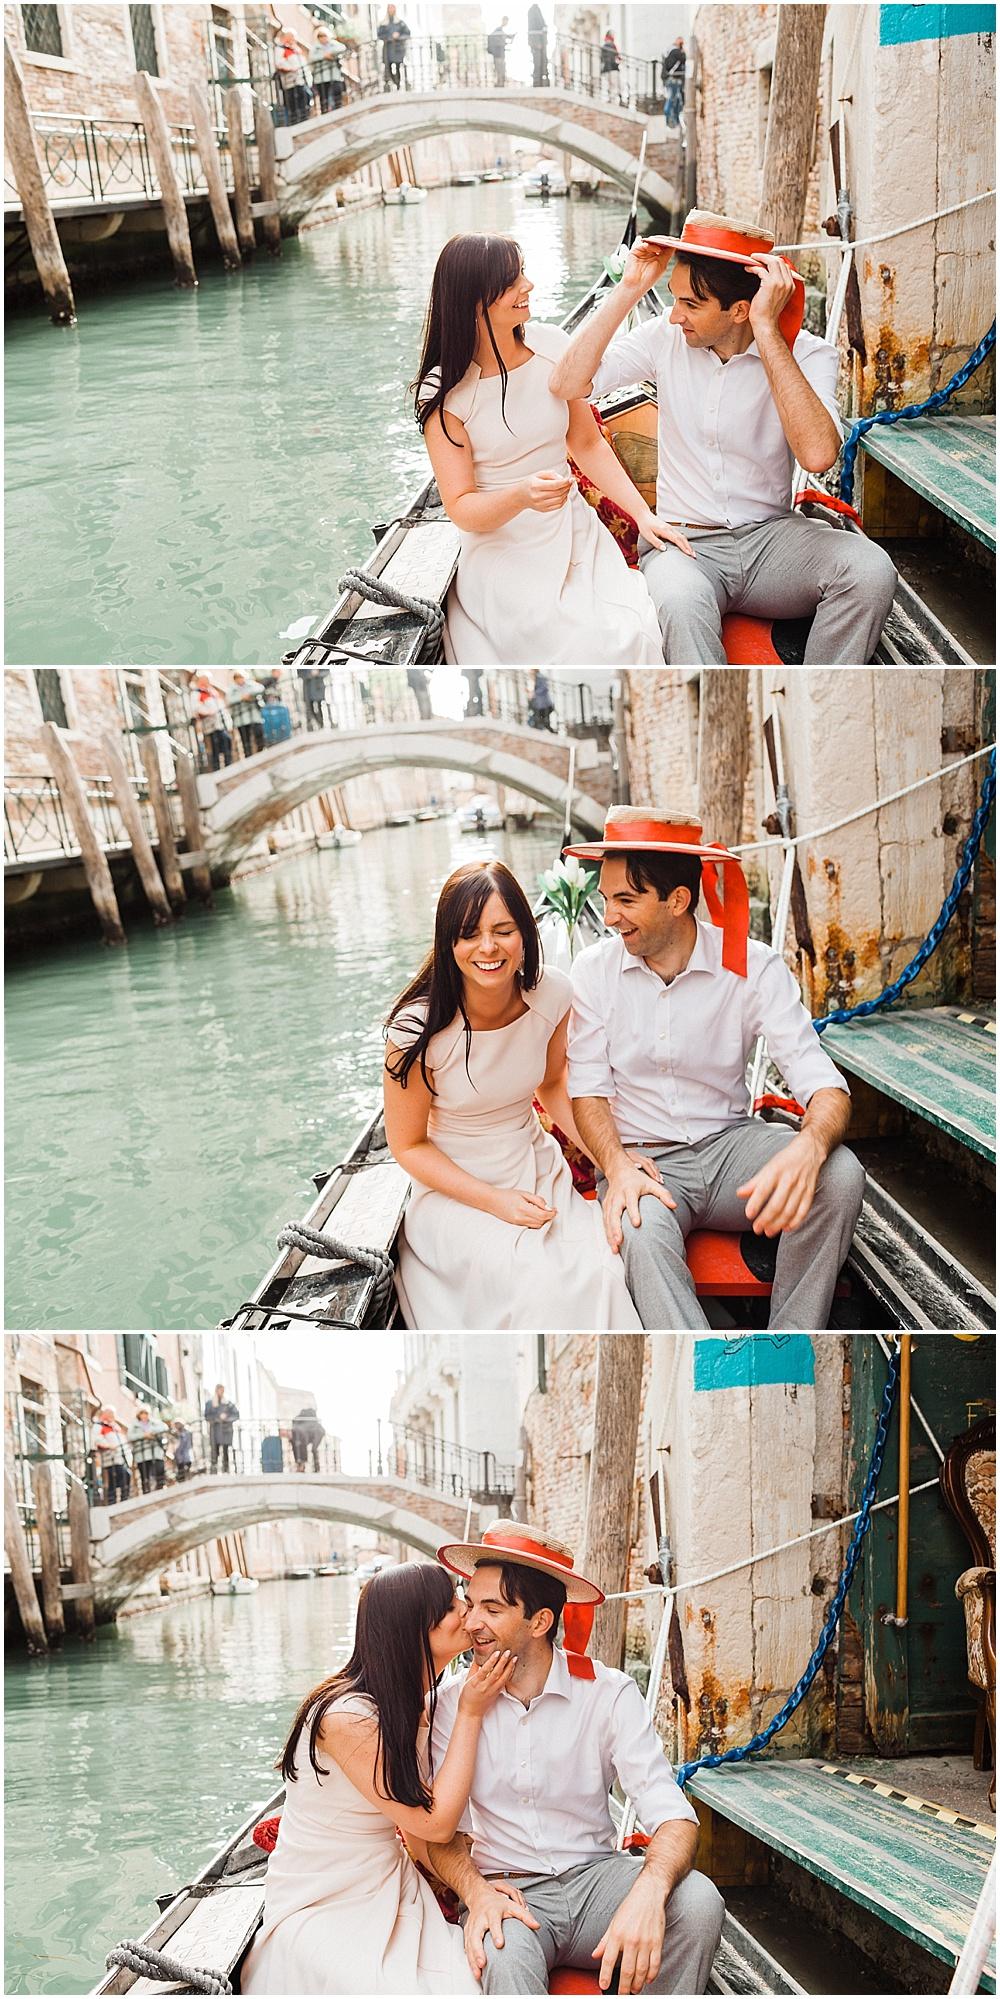 Venice-italy-wedding-photographer-stefano-degirmenci_0033.jpg